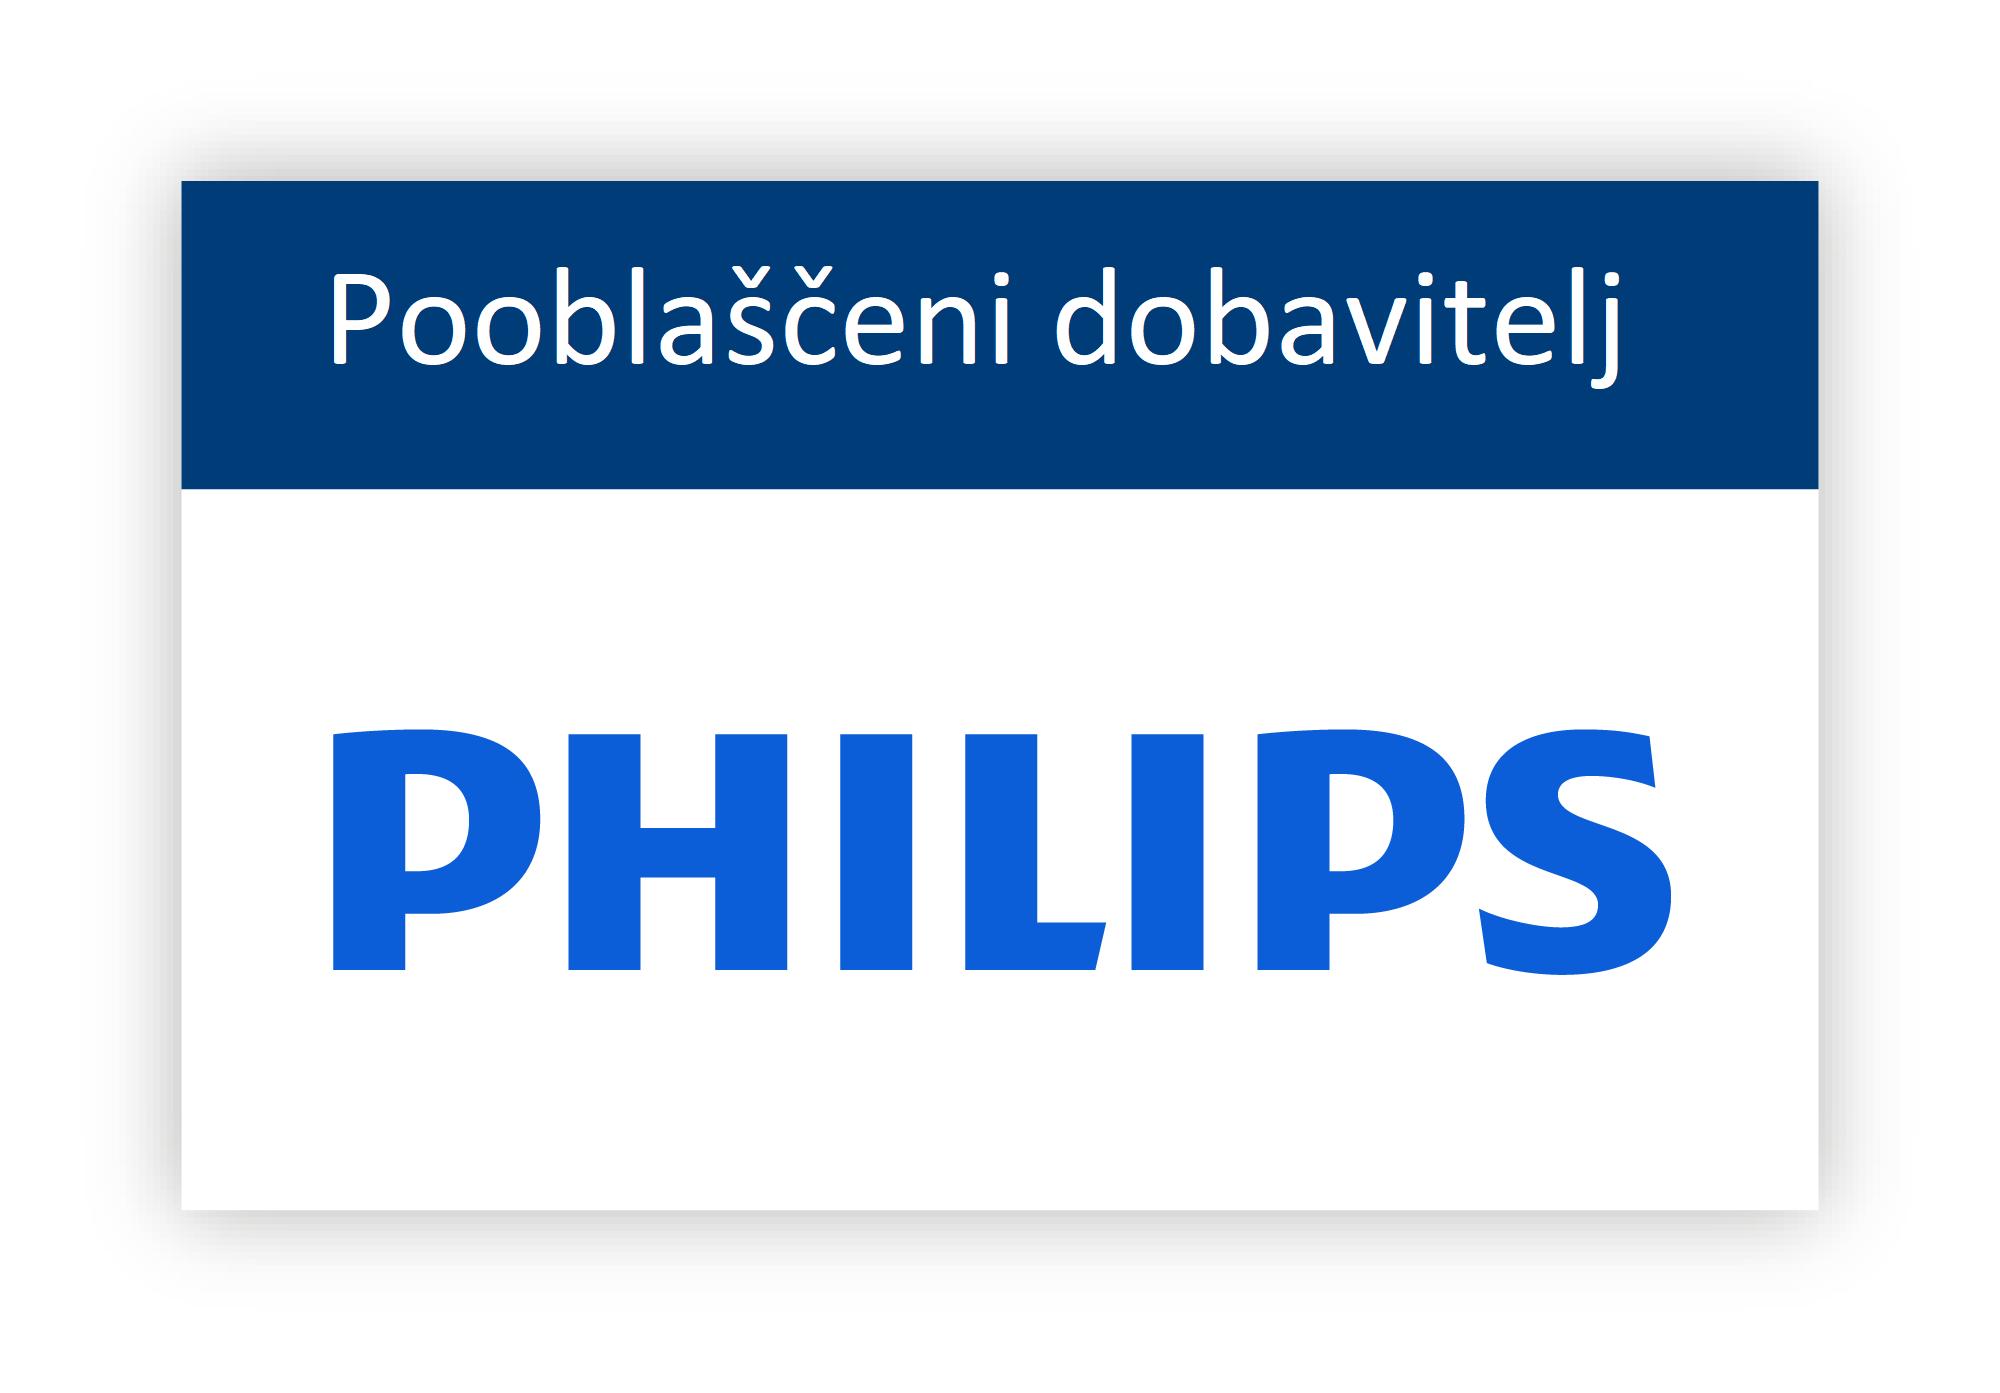 Philips-Pooblasceni-dobavitelj-za-Slovenijo-audio-bm-slusni-aparati-centri